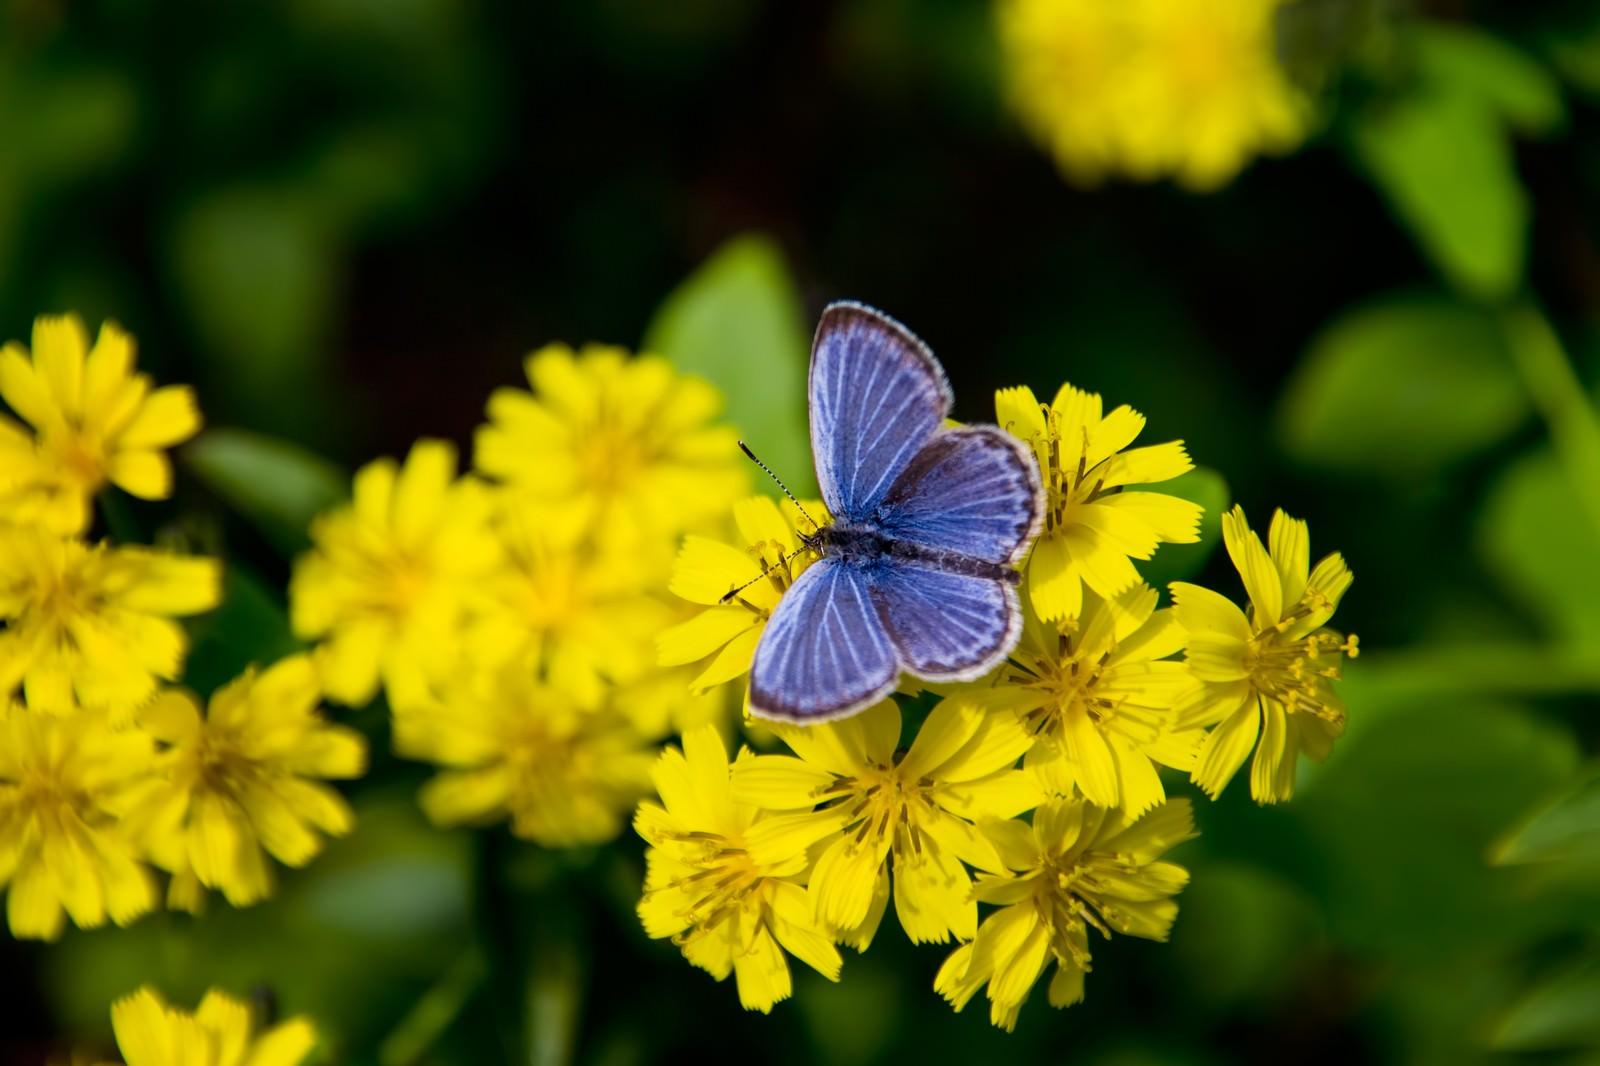 「黄色い花にとまる蝶」の写真